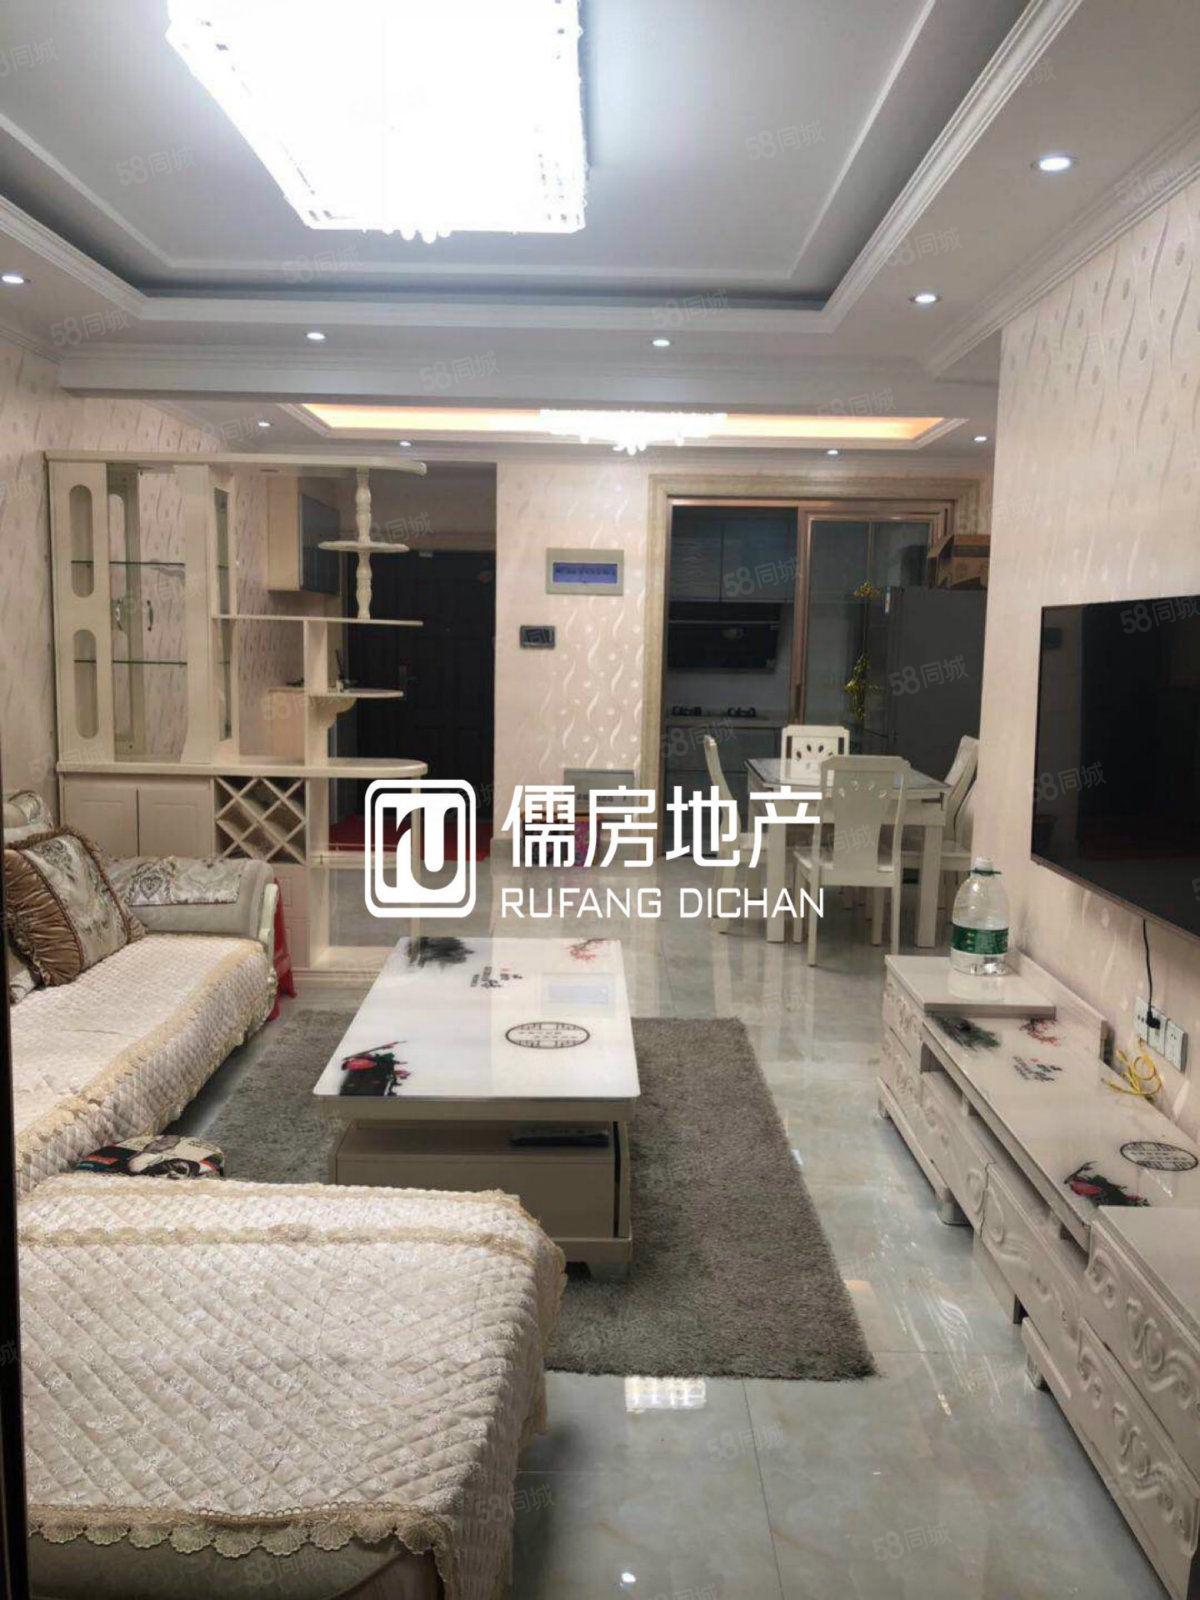 长江花城五期精装修3室1厅1卫家具家电齐全拎包入住交通便利